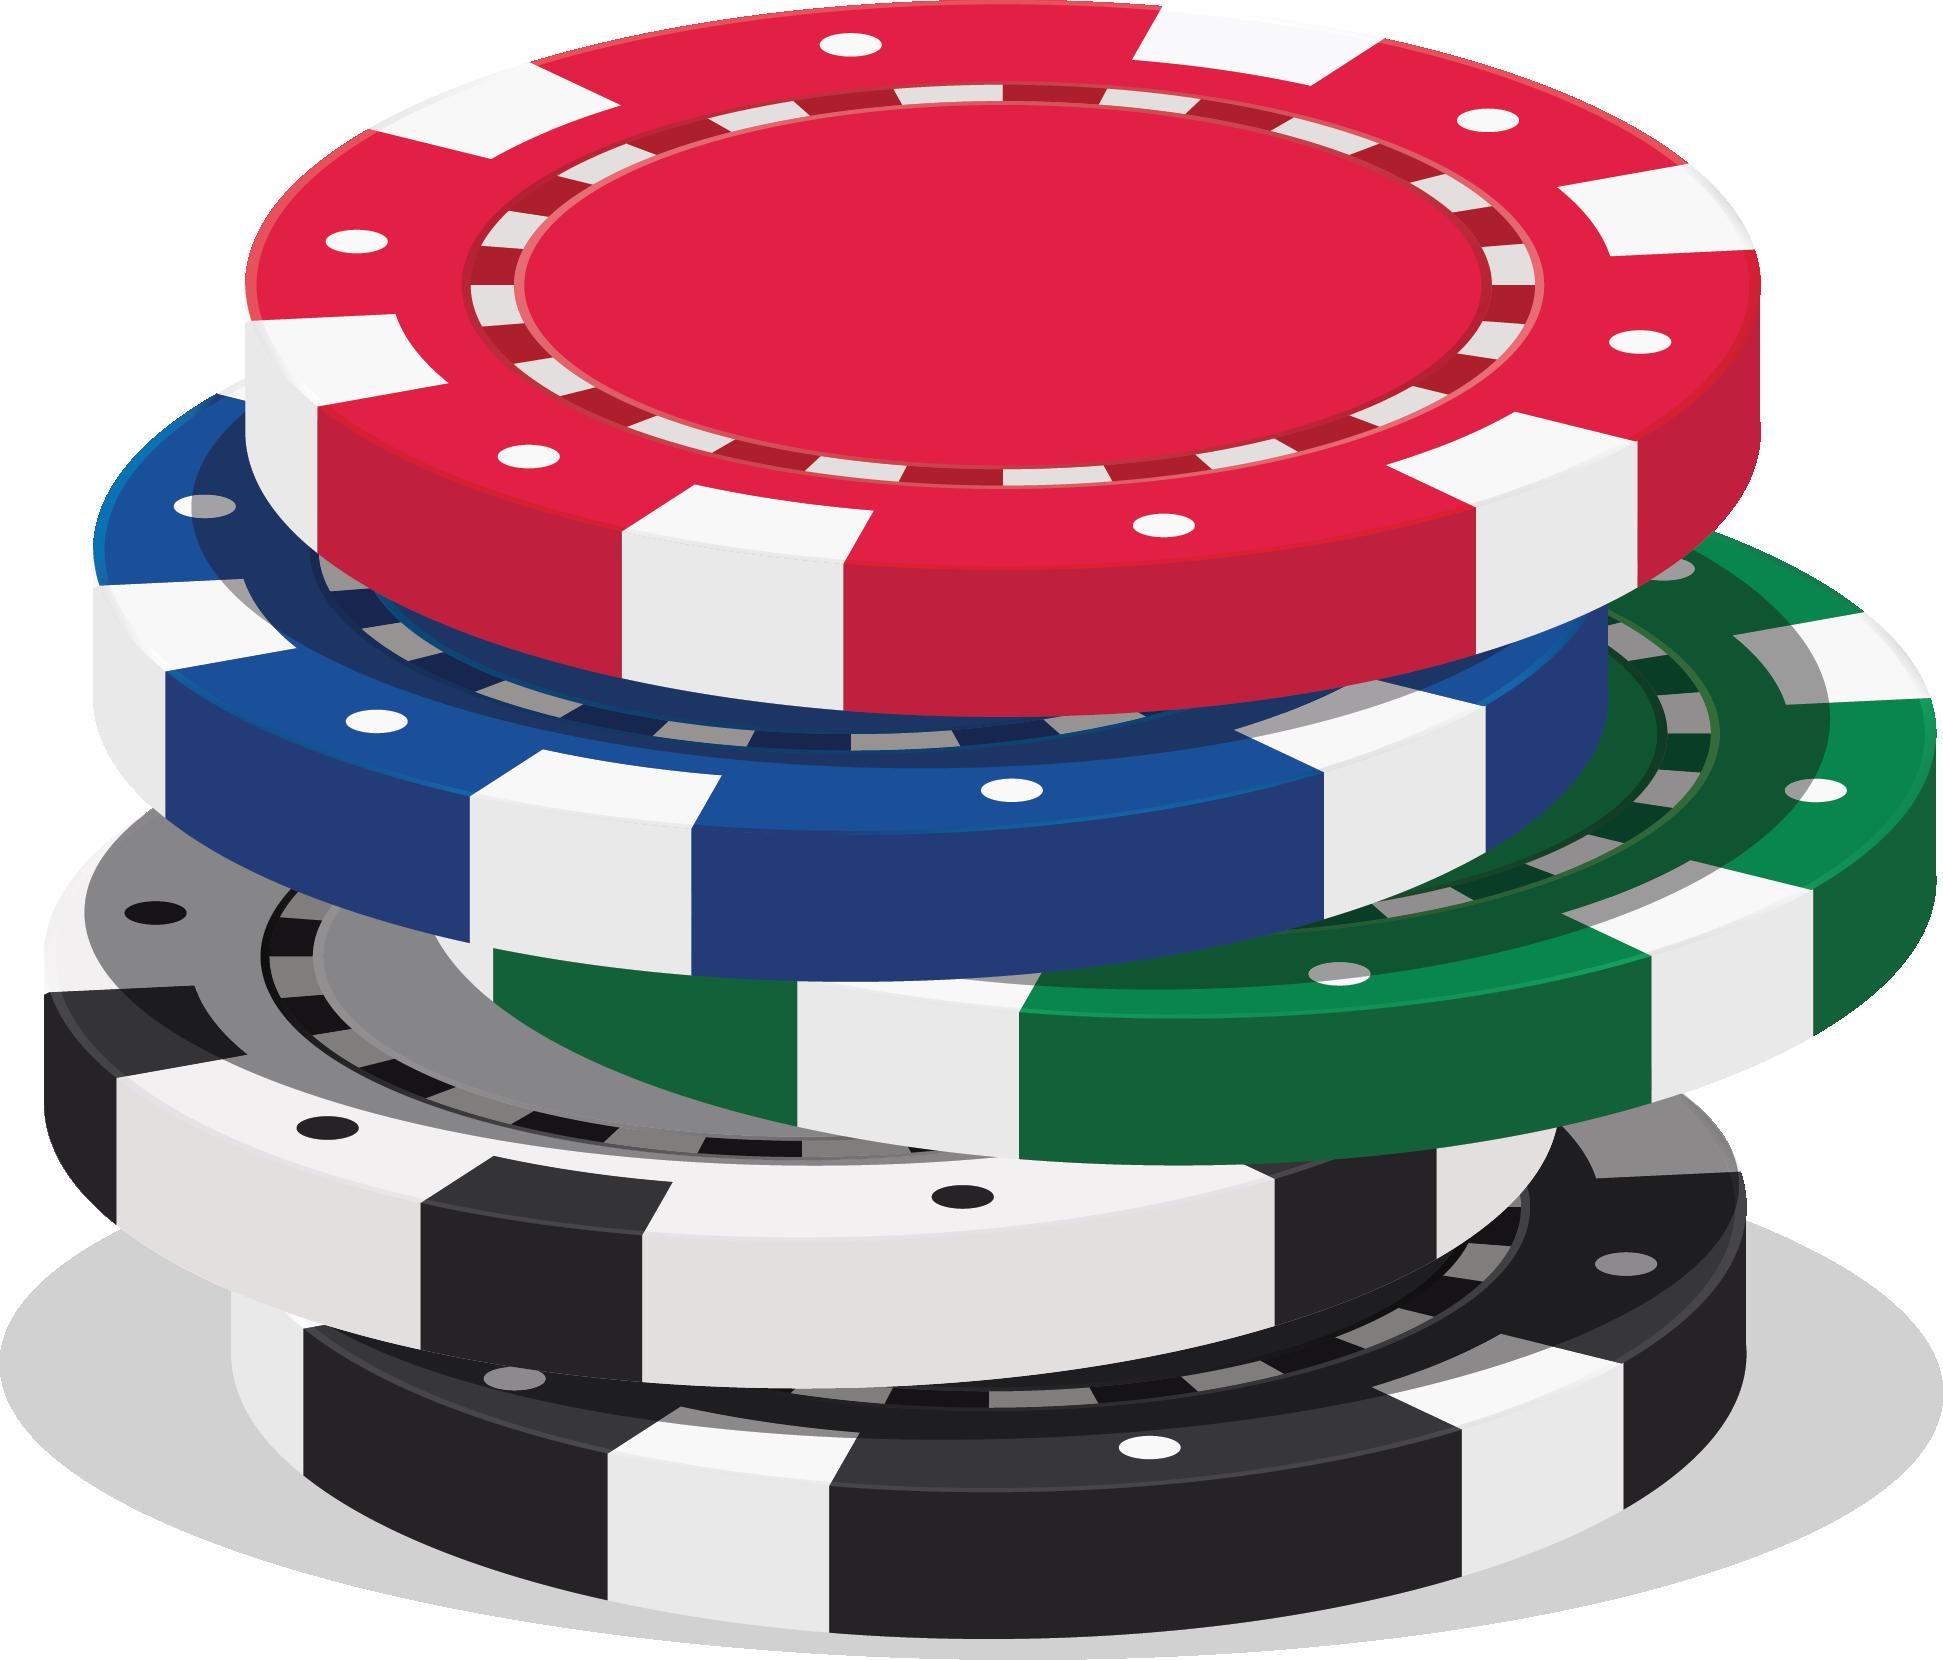 Poker Chip Stack - Chrysalis